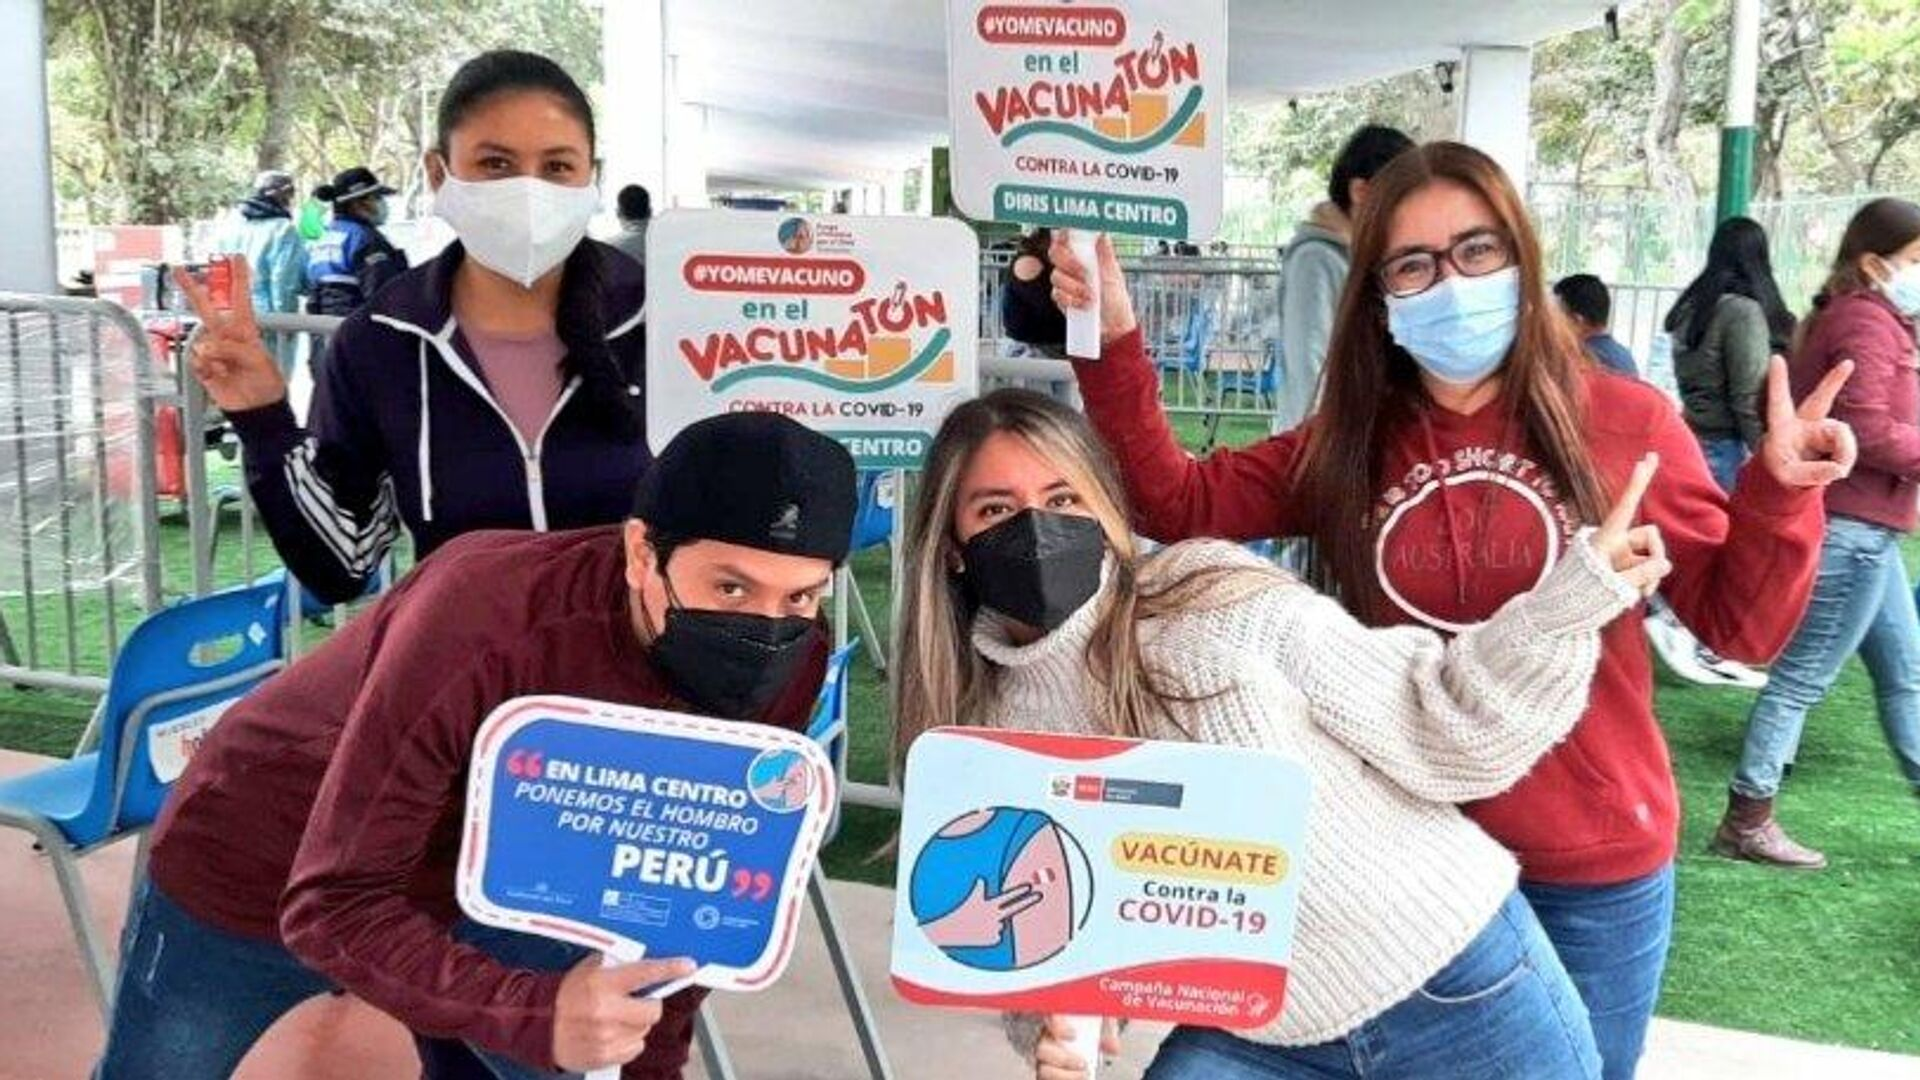 Campaña de vacunación en Perú - Sputnik Mundo, 1920, 14.09.2021